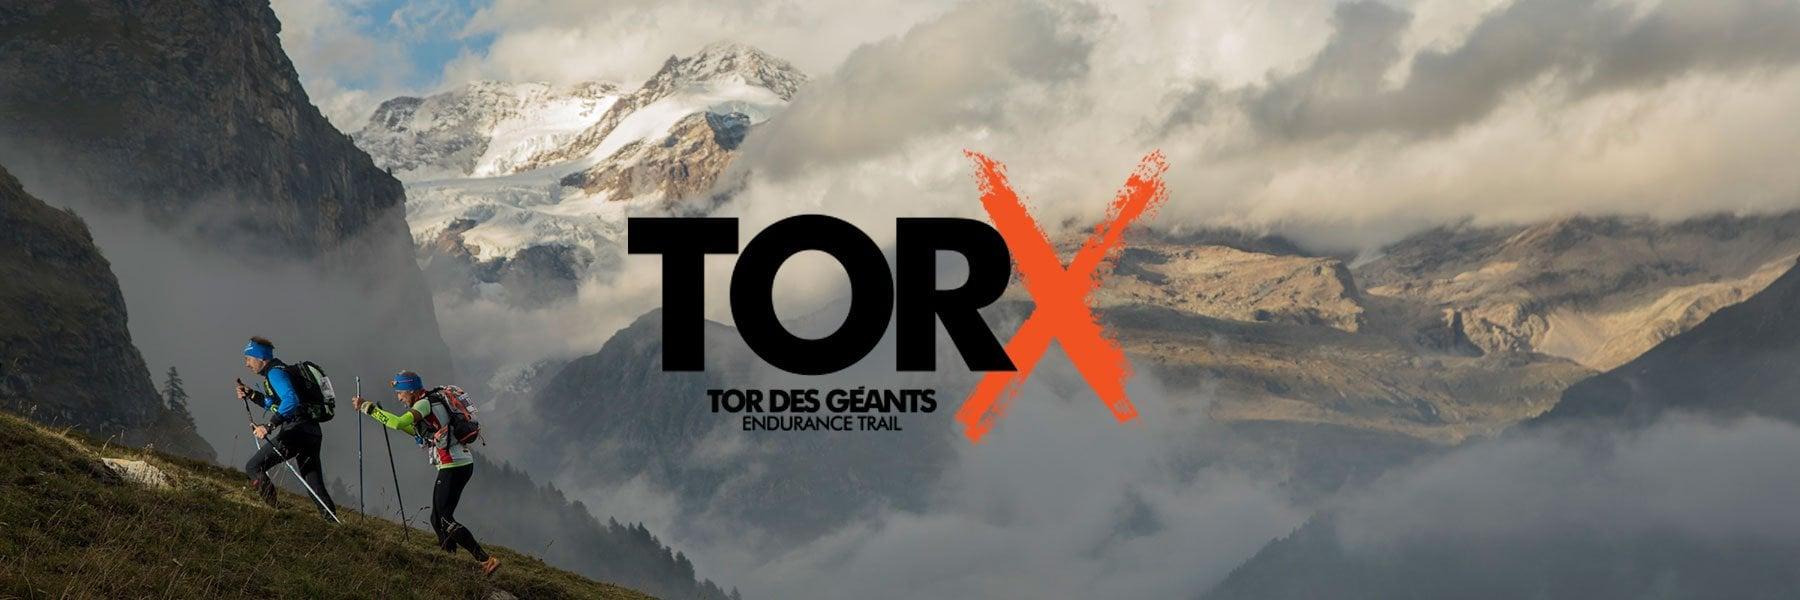 Noleggio drone sport e riprese aeree per eventi sportivi. TOR Des Geants 2019